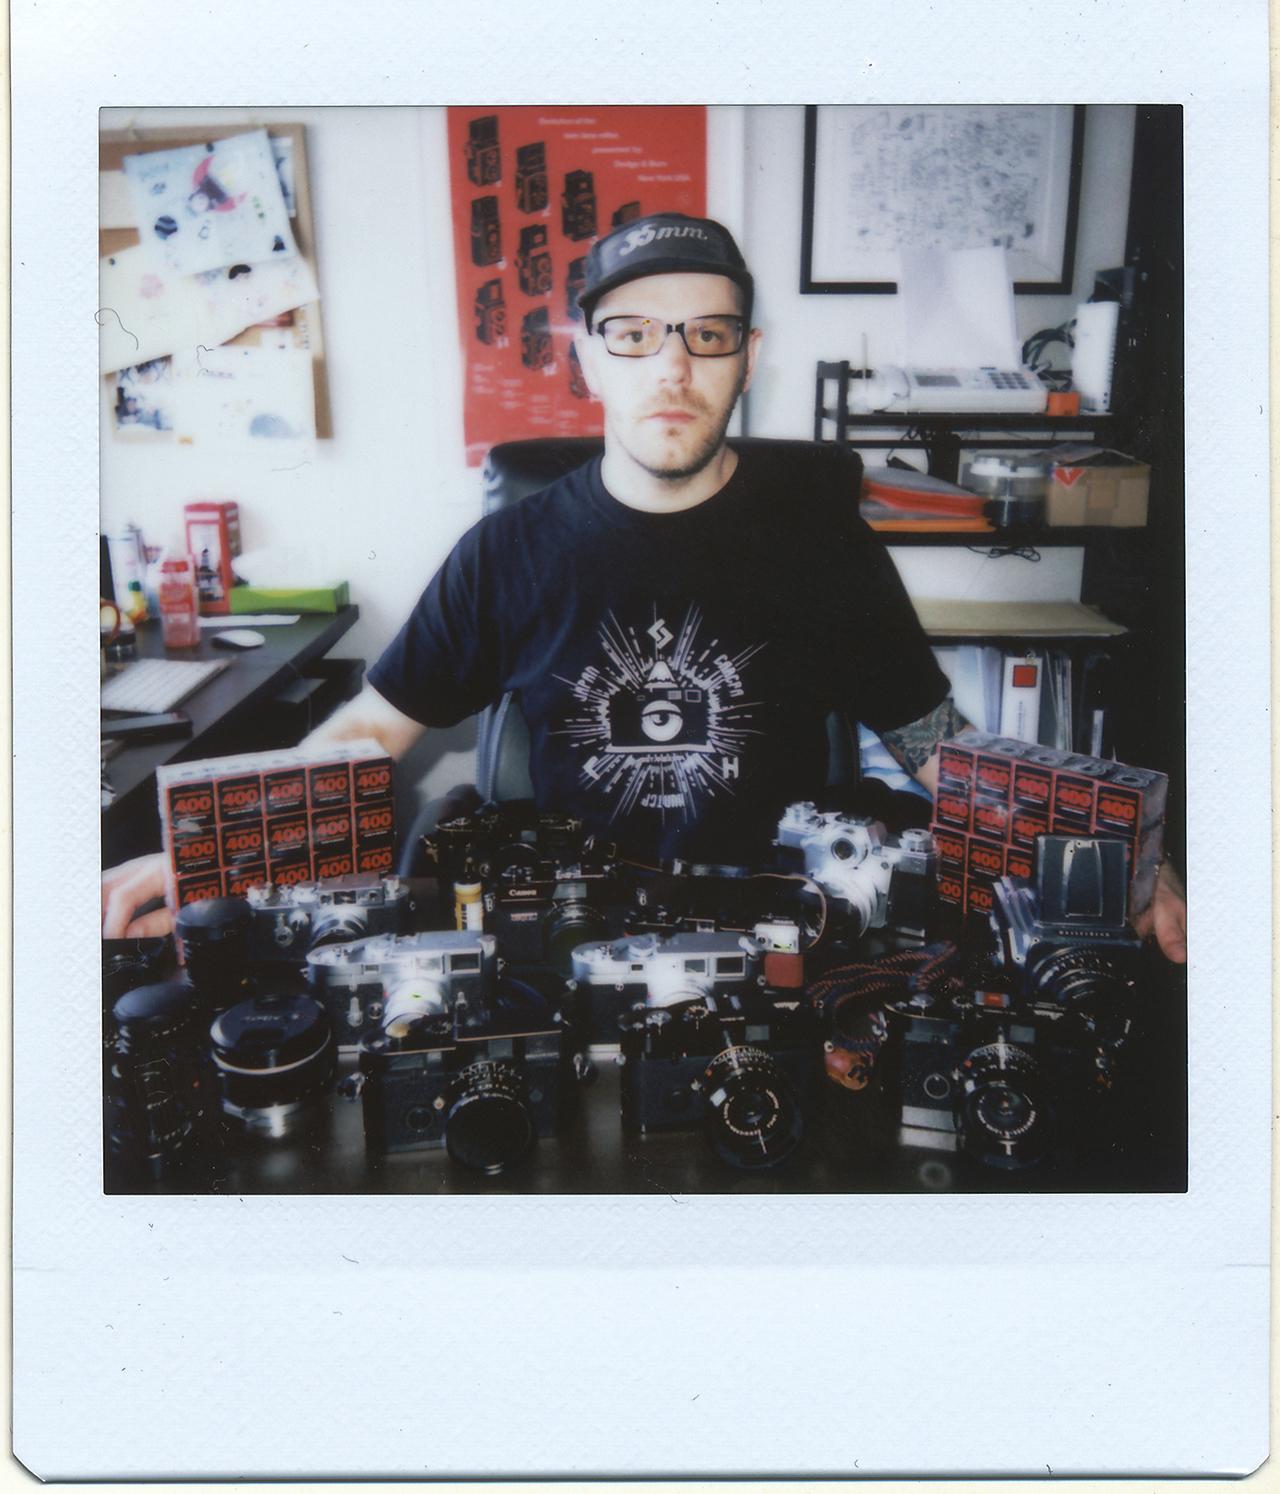 Camera Geekery: JCH Filmluminati T-shirts